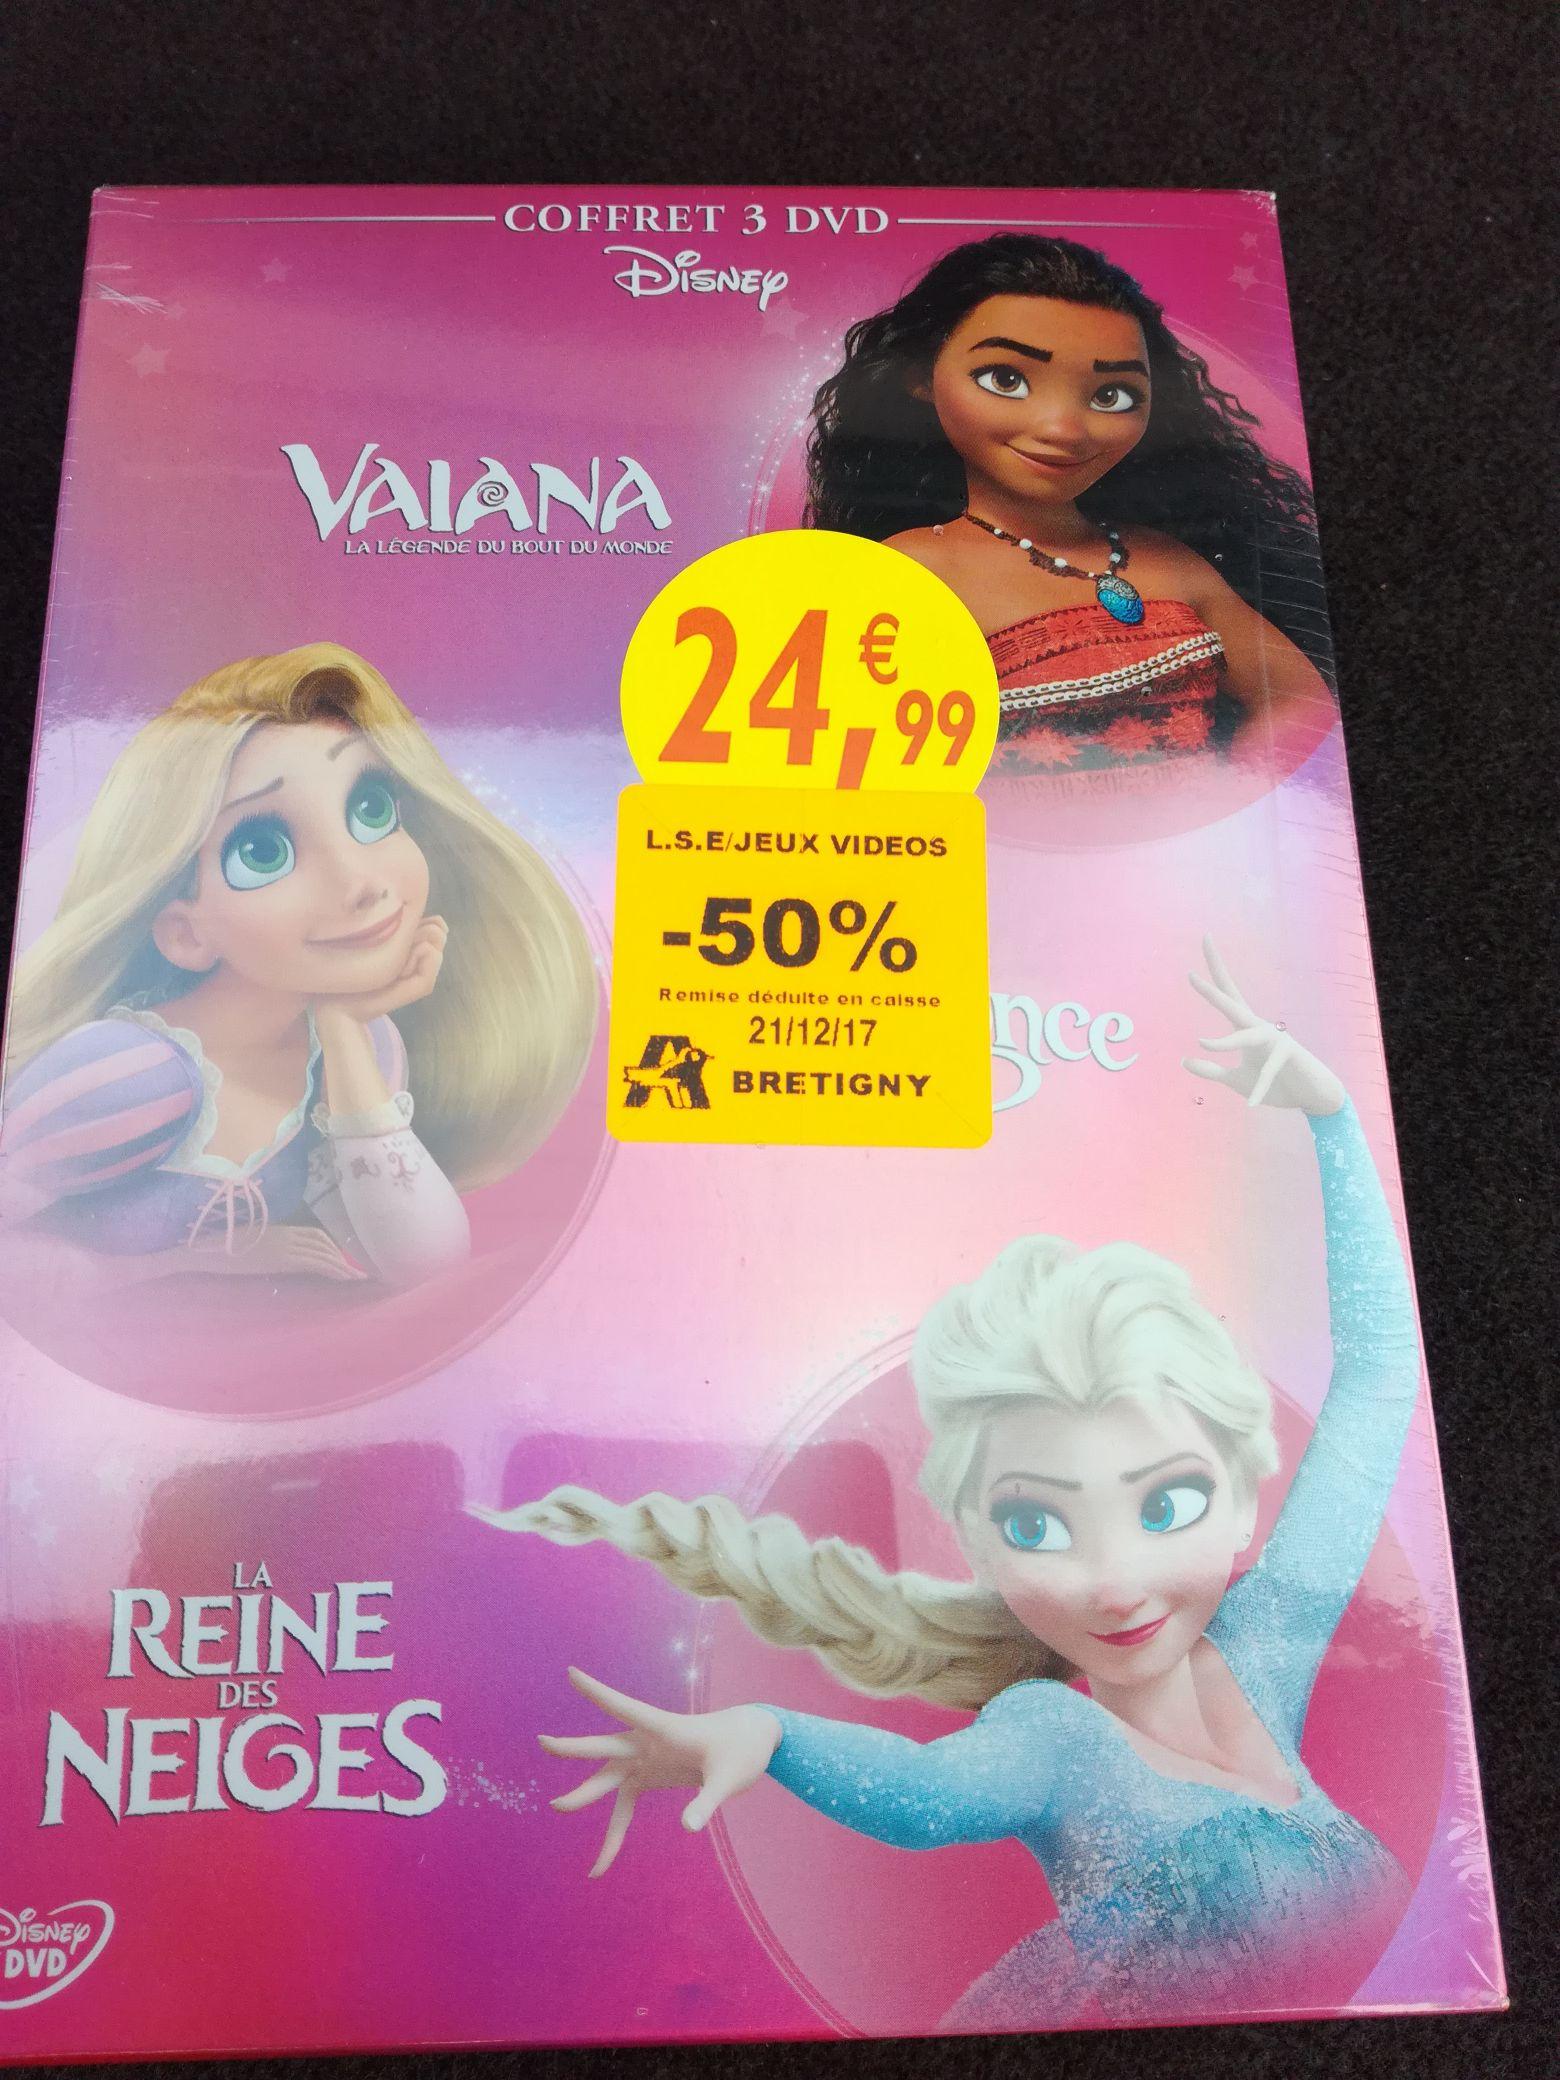 50% de réduction sur une sélection de films - Ex : coffret 3 DVD Disney Vaiana & La Reine des Neiges au Auchan Brétigny-sur-Orge (91)